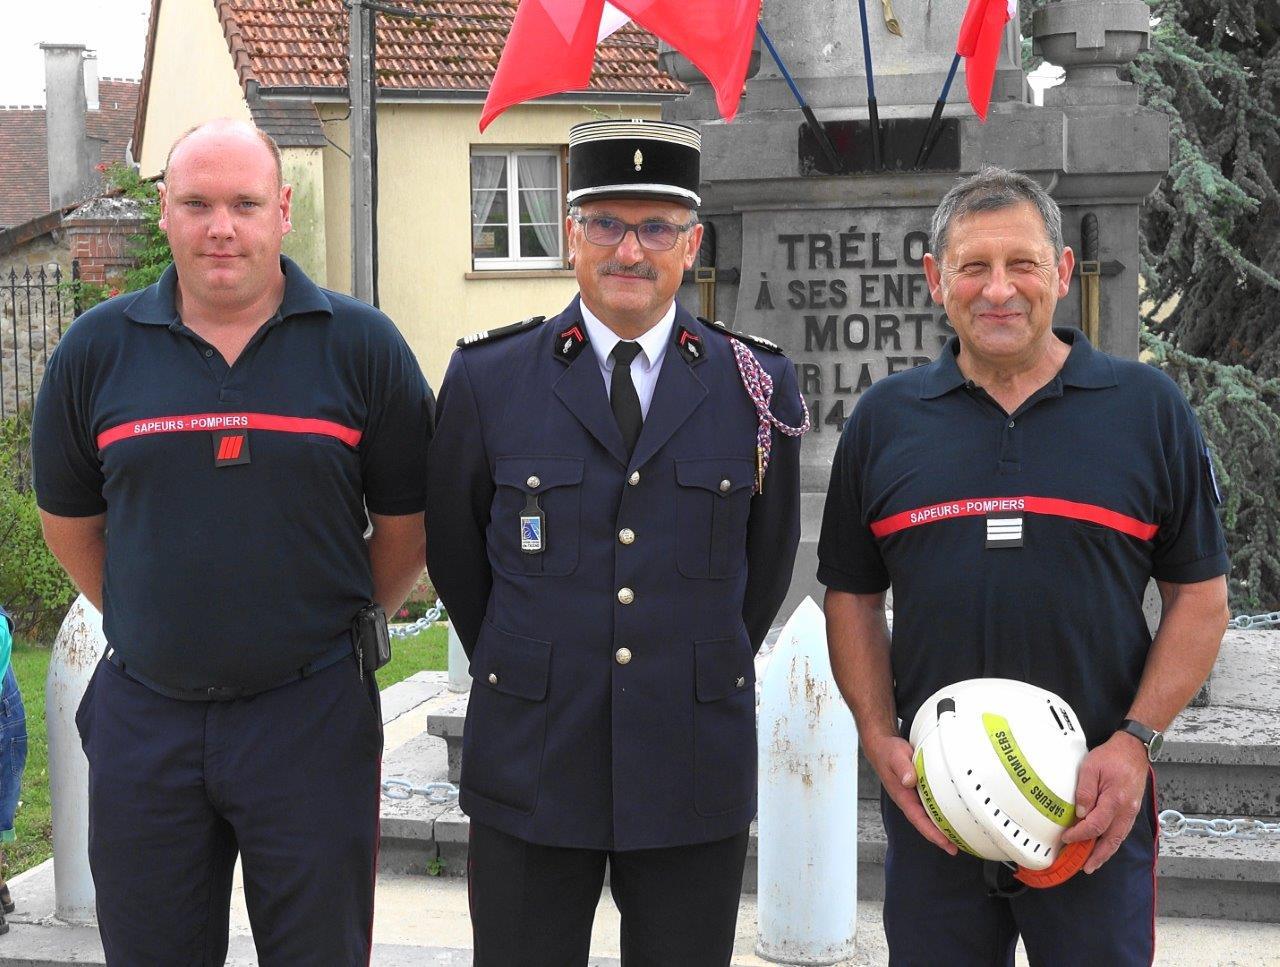 De gauche à droite : le caporal-chef Boutville, le lieutenant-colonel Gérard et le capitaine Couvent.